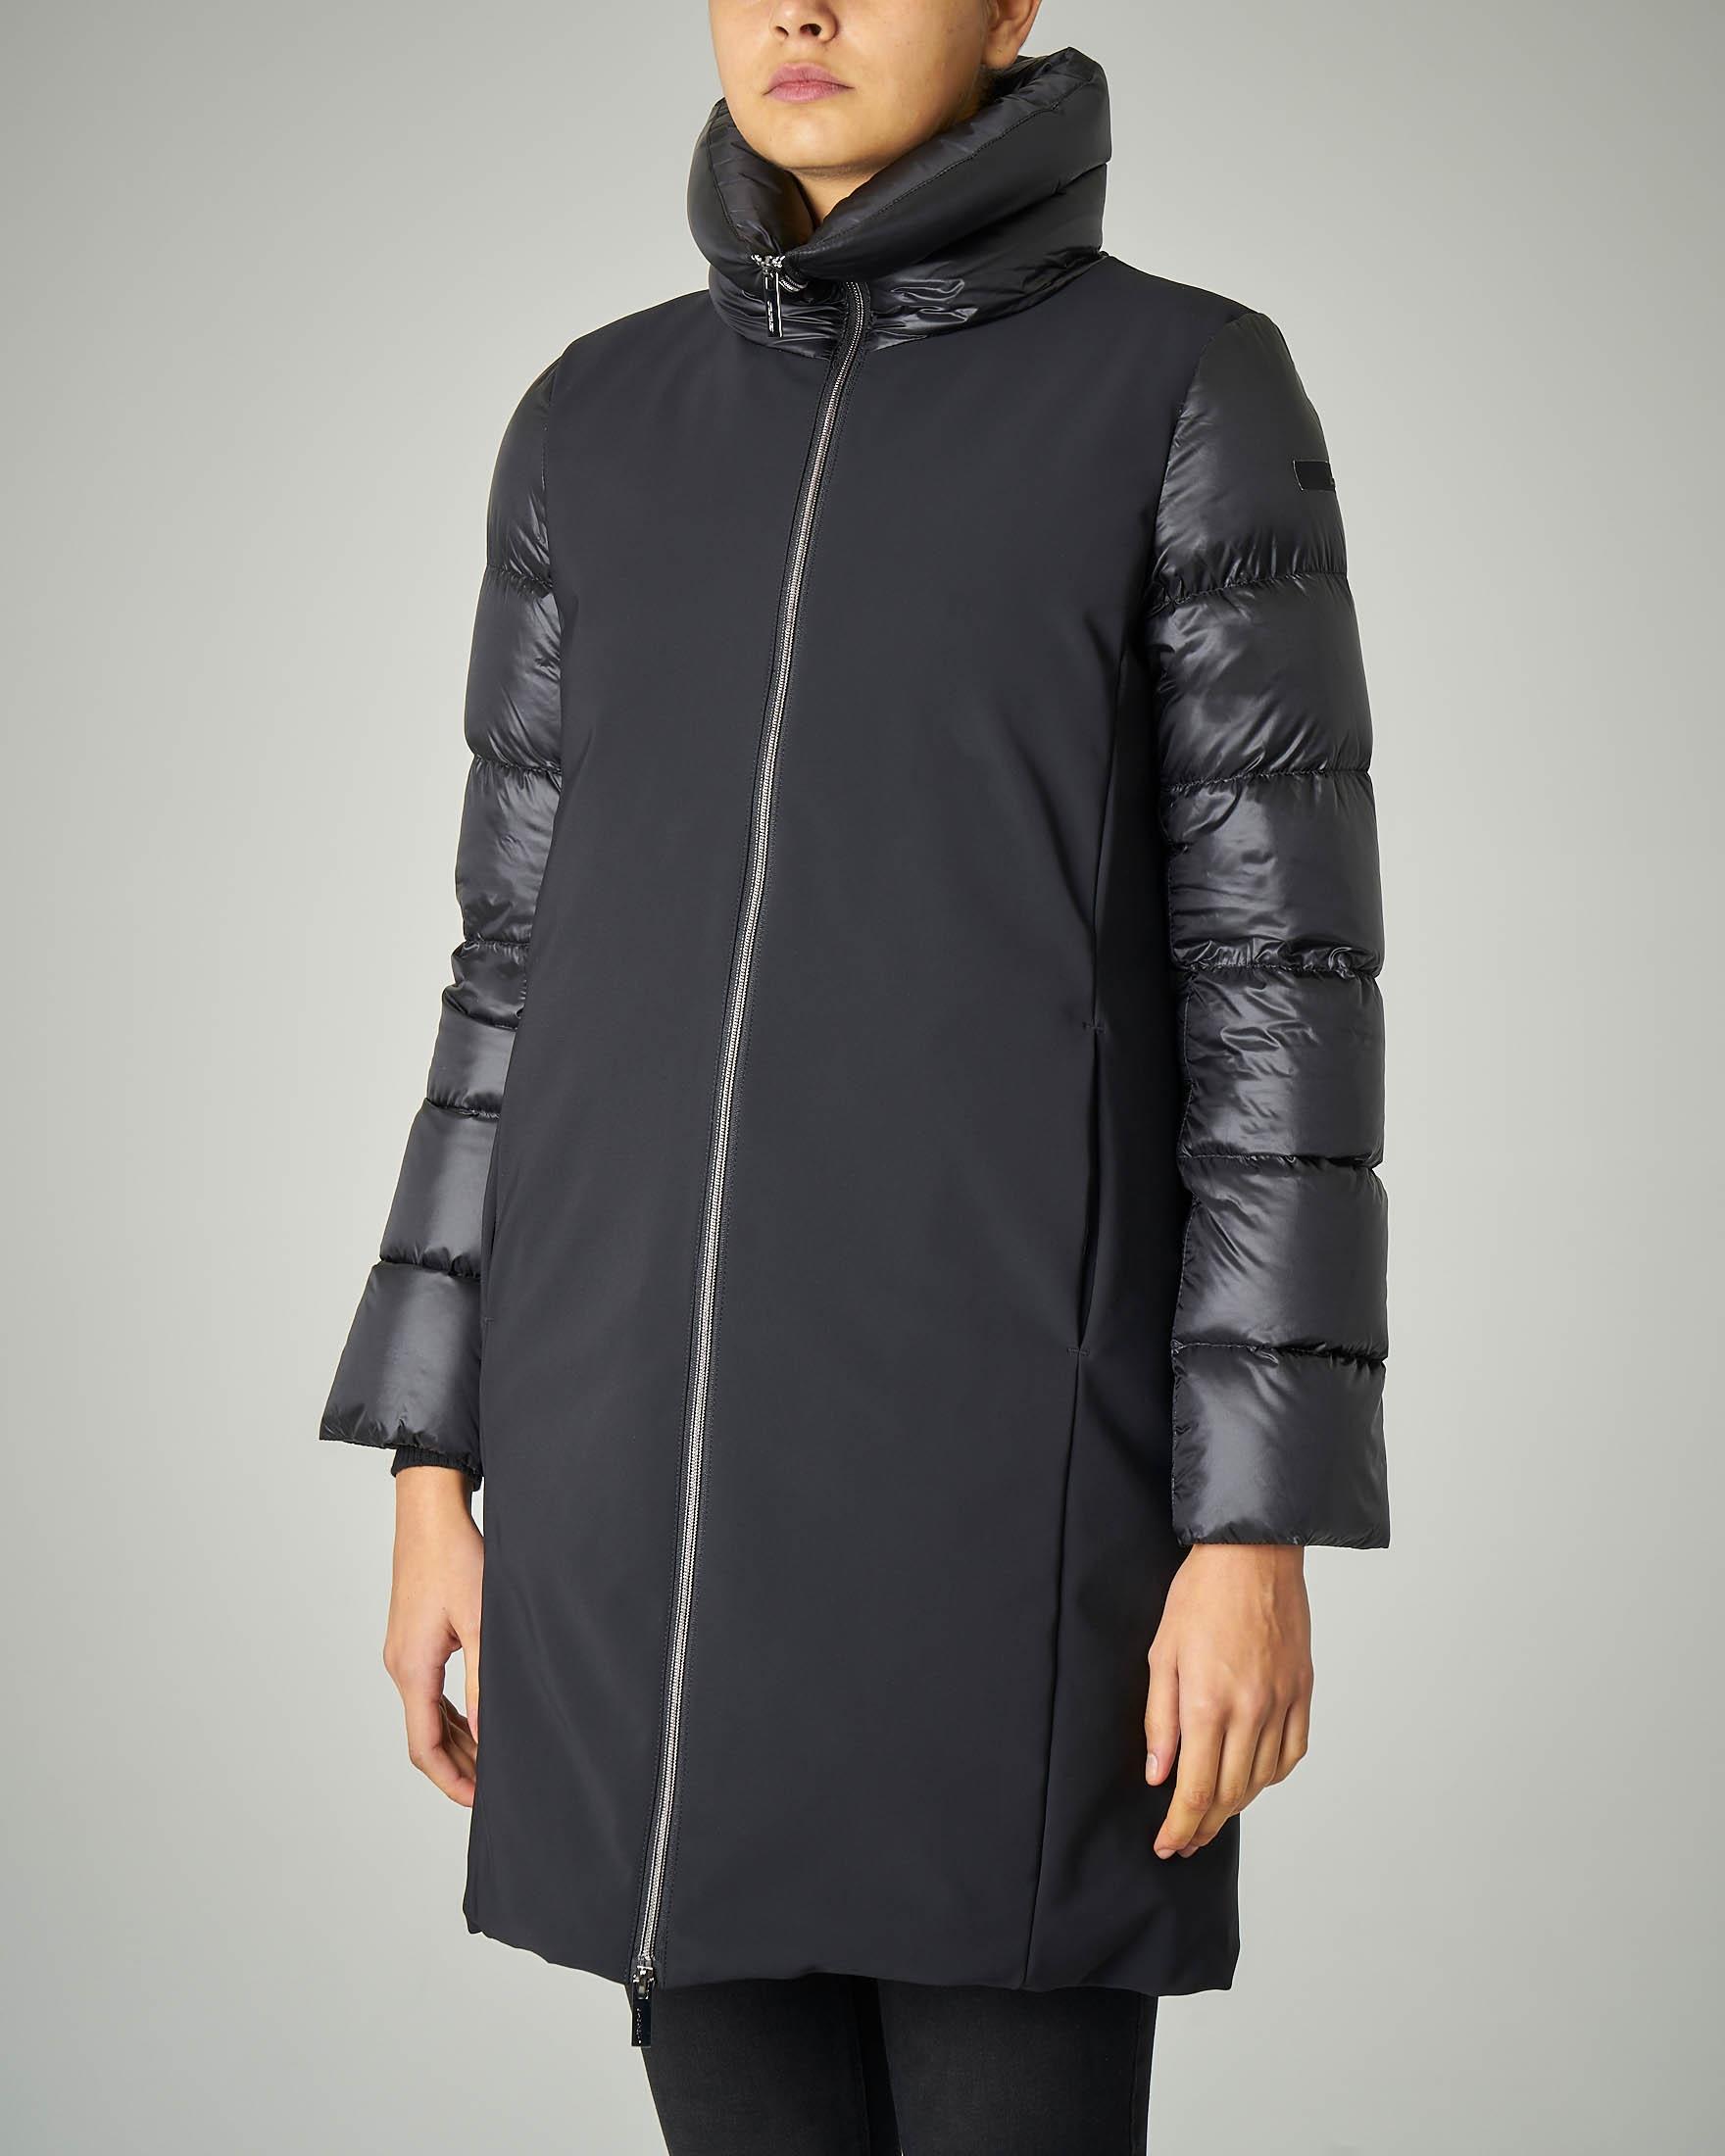 Cappotto imbottito lungo nero con maniche e collo trapuntati